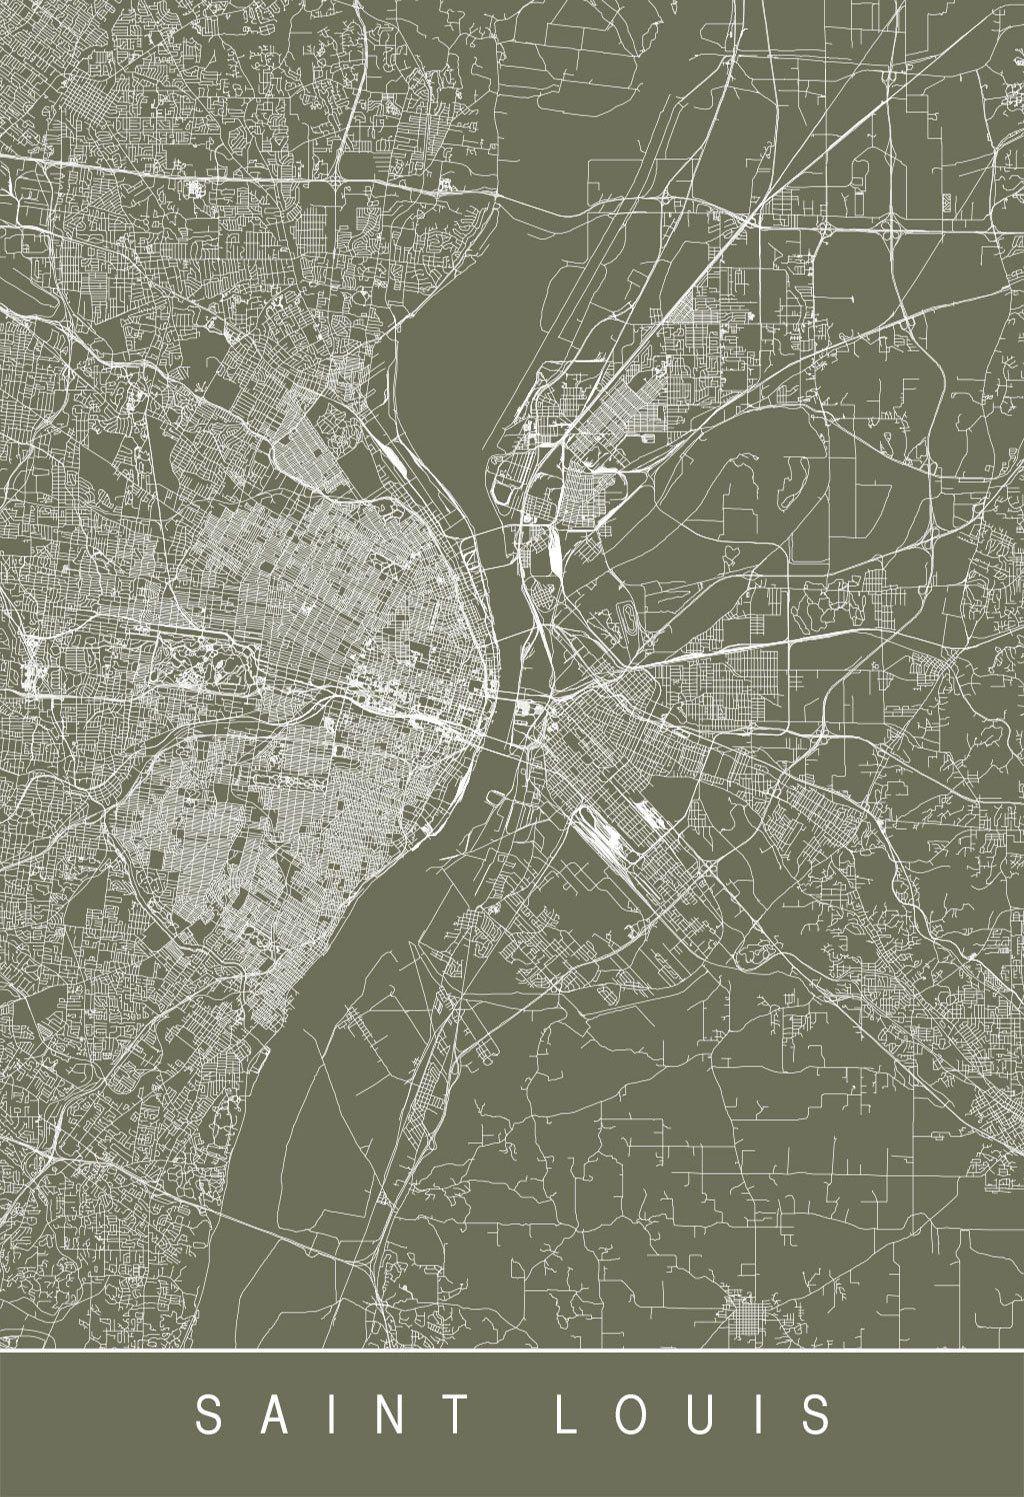 Karte / Map ~ Saint Louis, Missouri - Vereinigte Staaten von Amerika ...